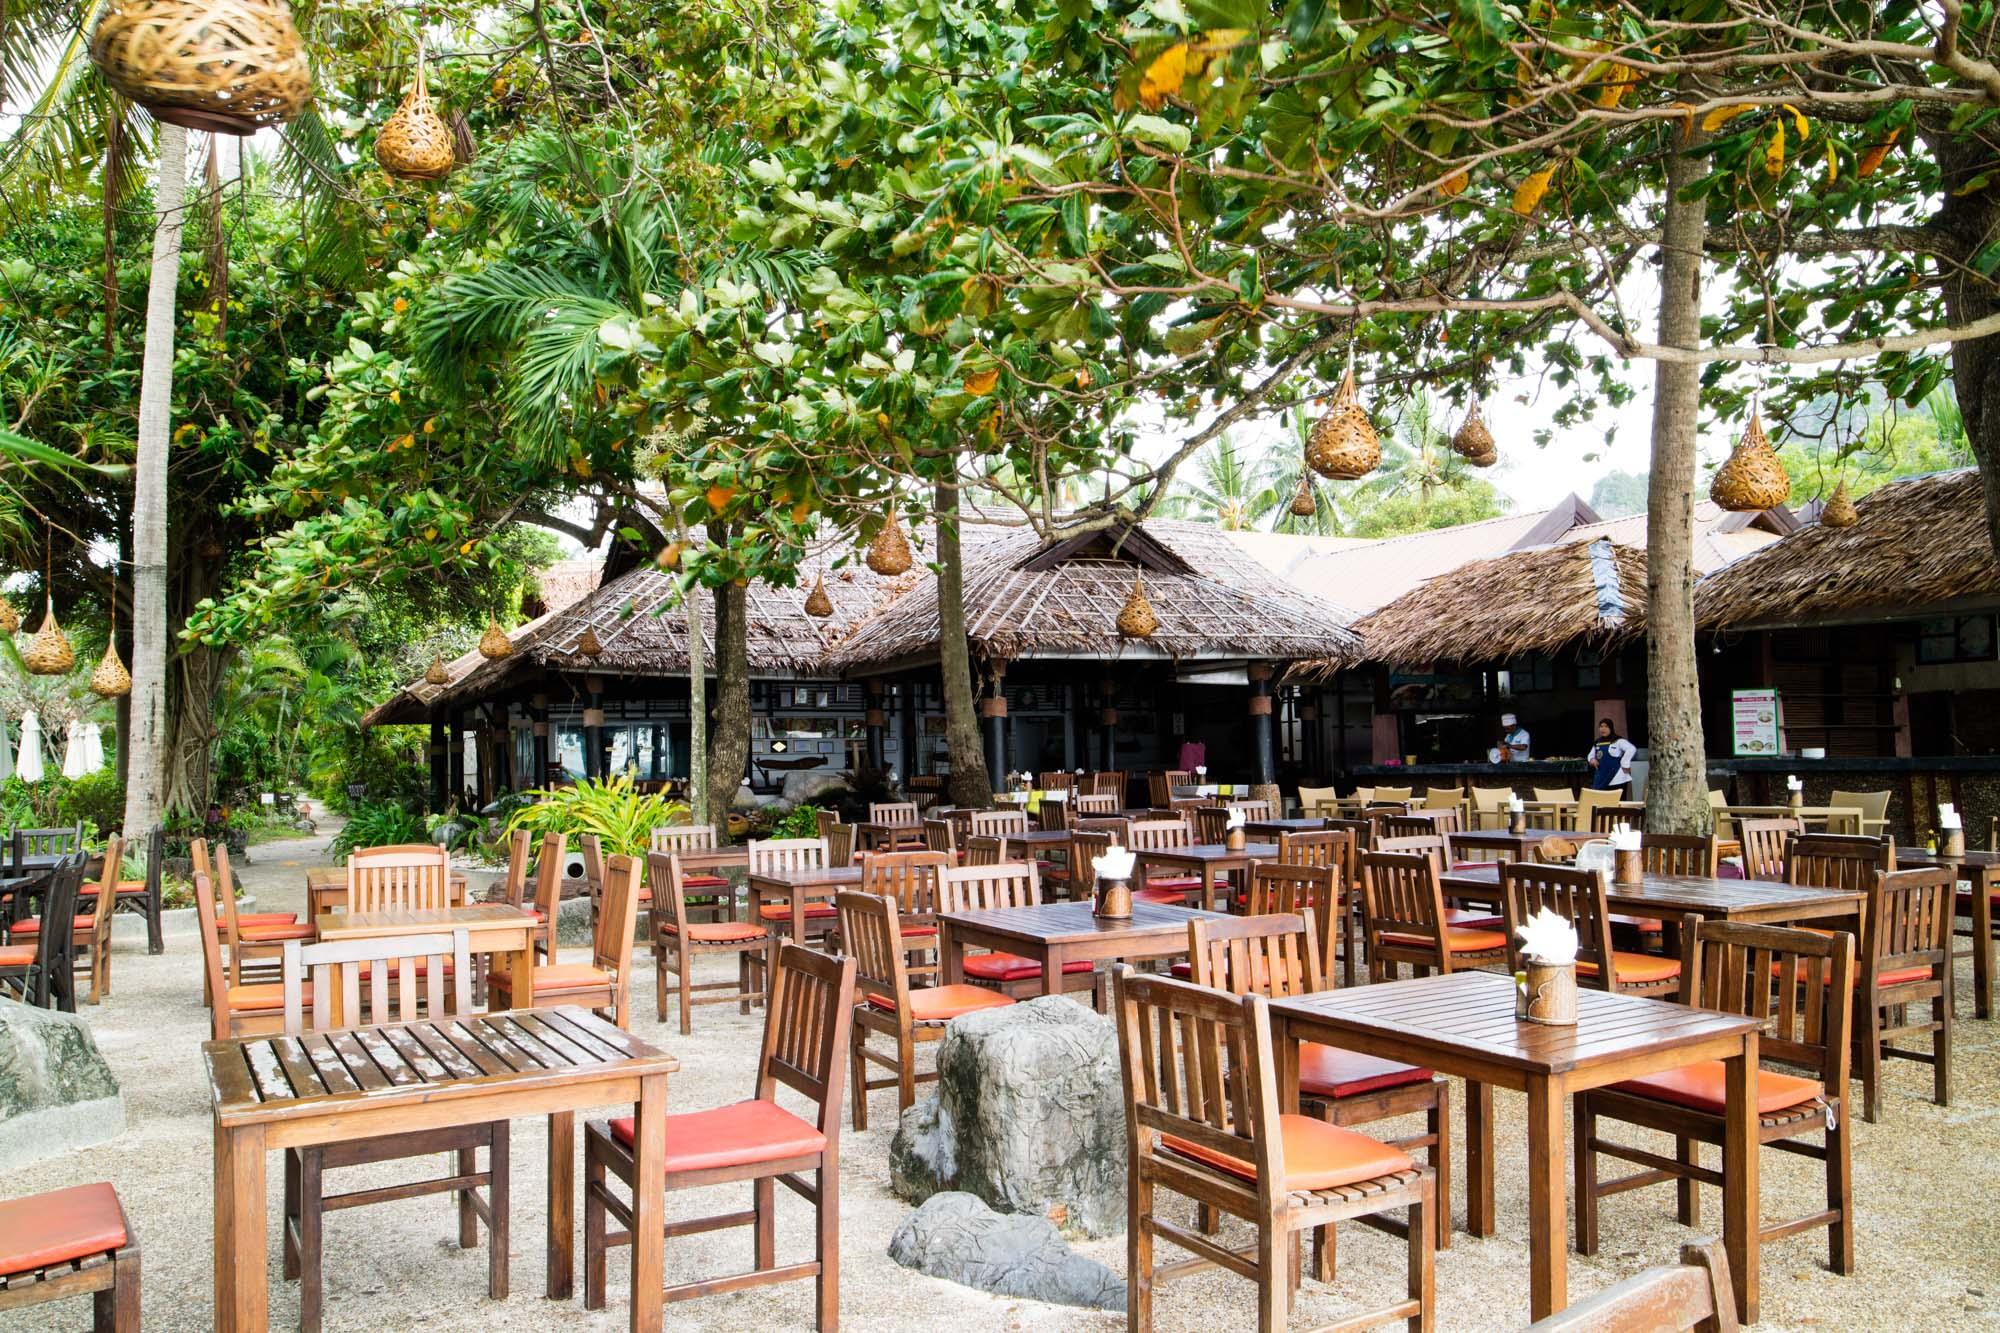 ครัววิลเลจ Krua Village Restaurant  ไร่เลย์ วิลเลจ รีสอร์ท แอนด์ สปา Railay Village Resort กระบี่ IMG 9088